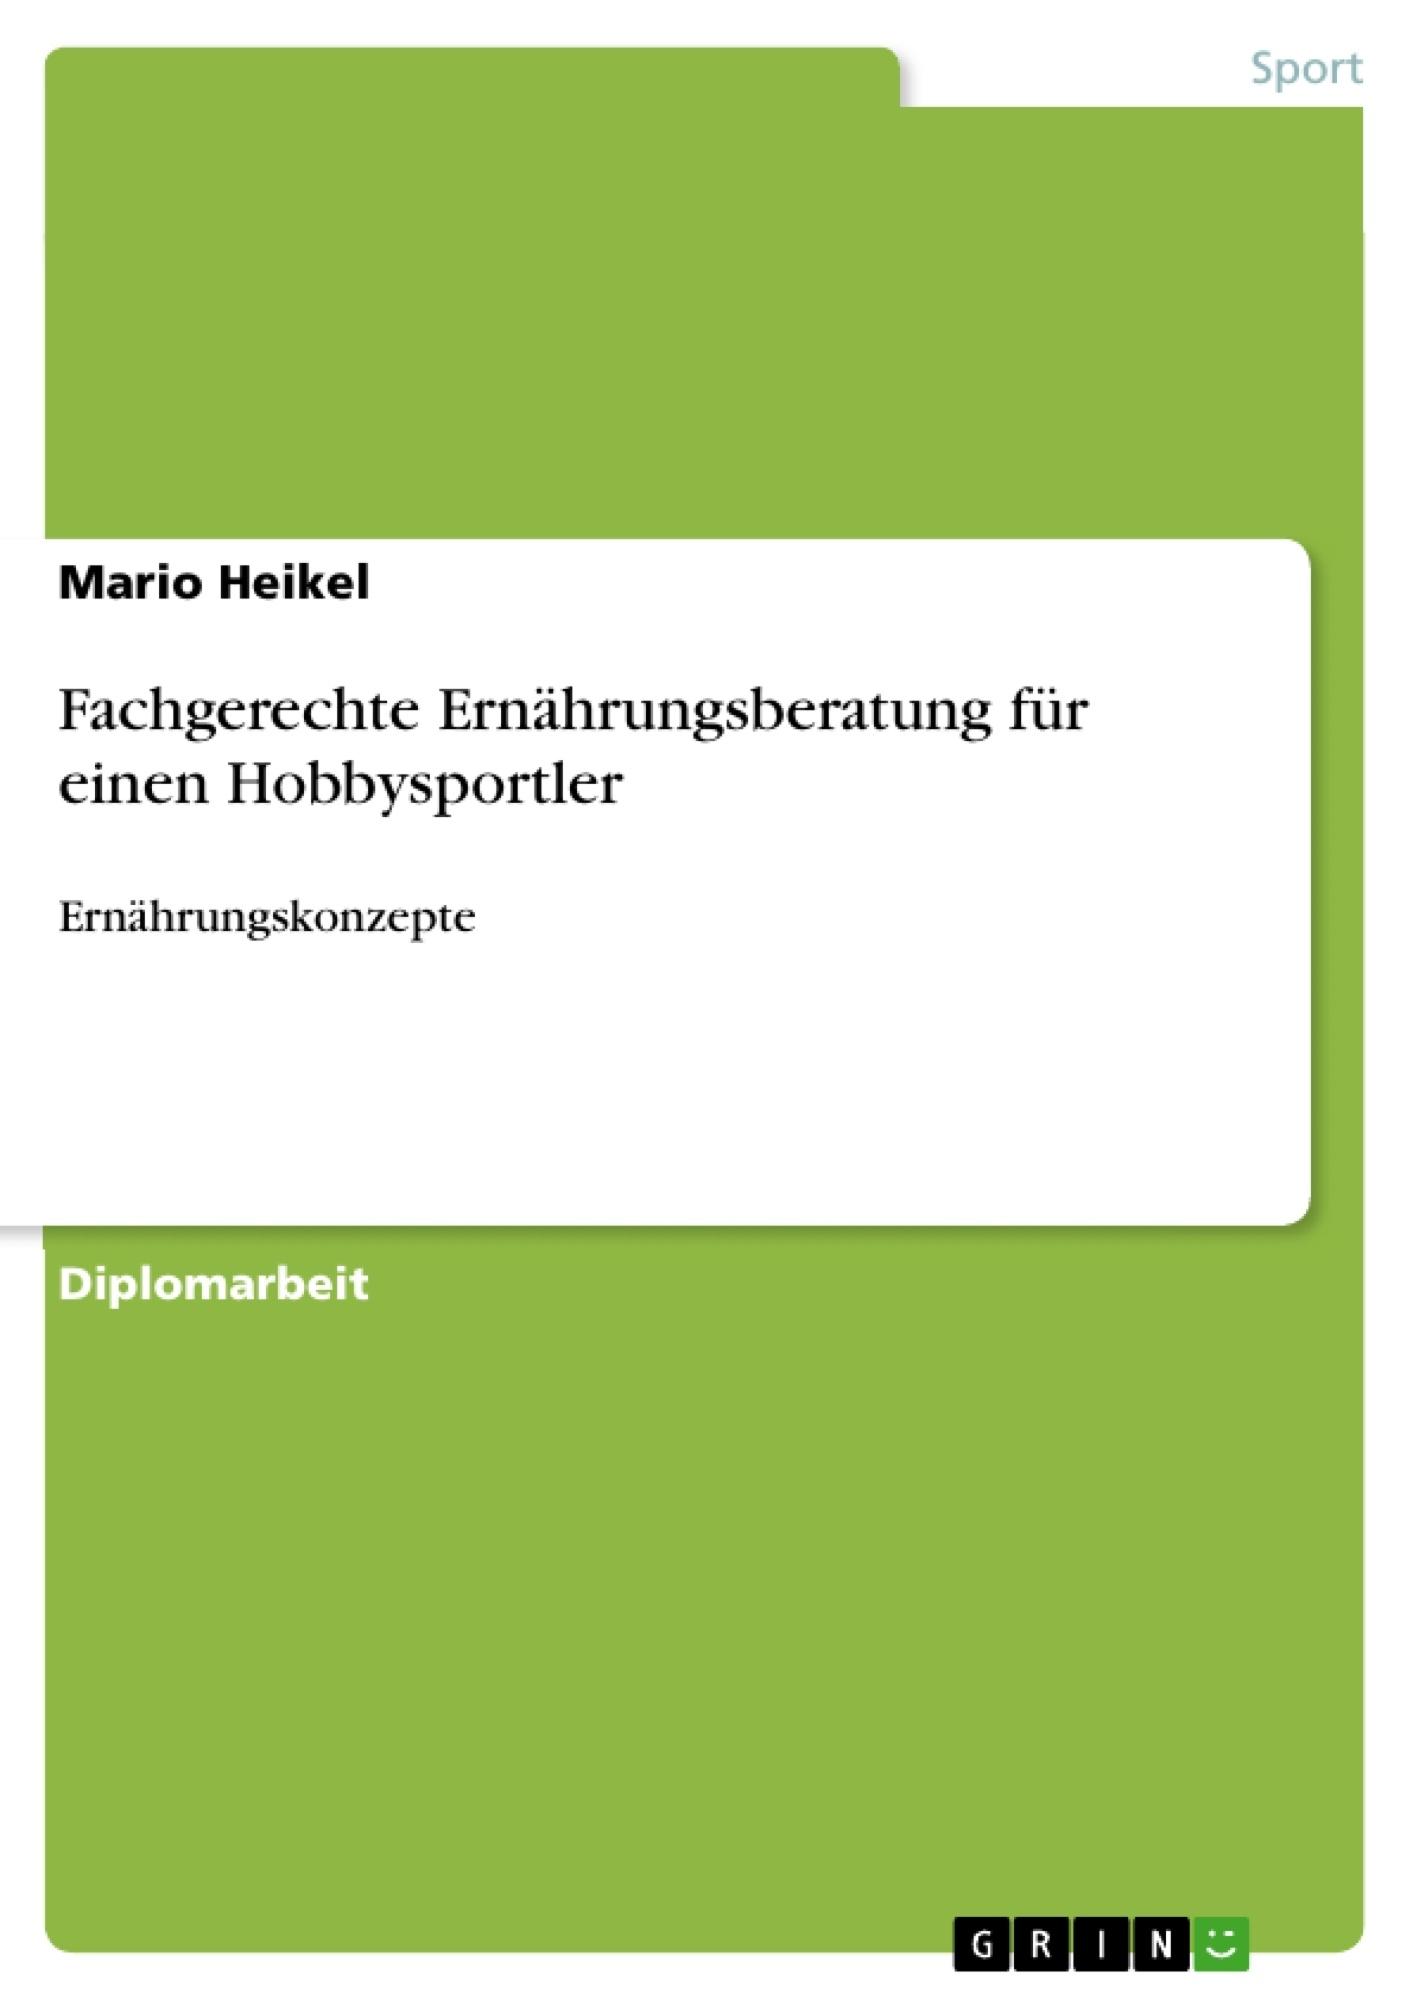 Titel: Fachgerechte Ernährungsberatung für einen Hobbysportler